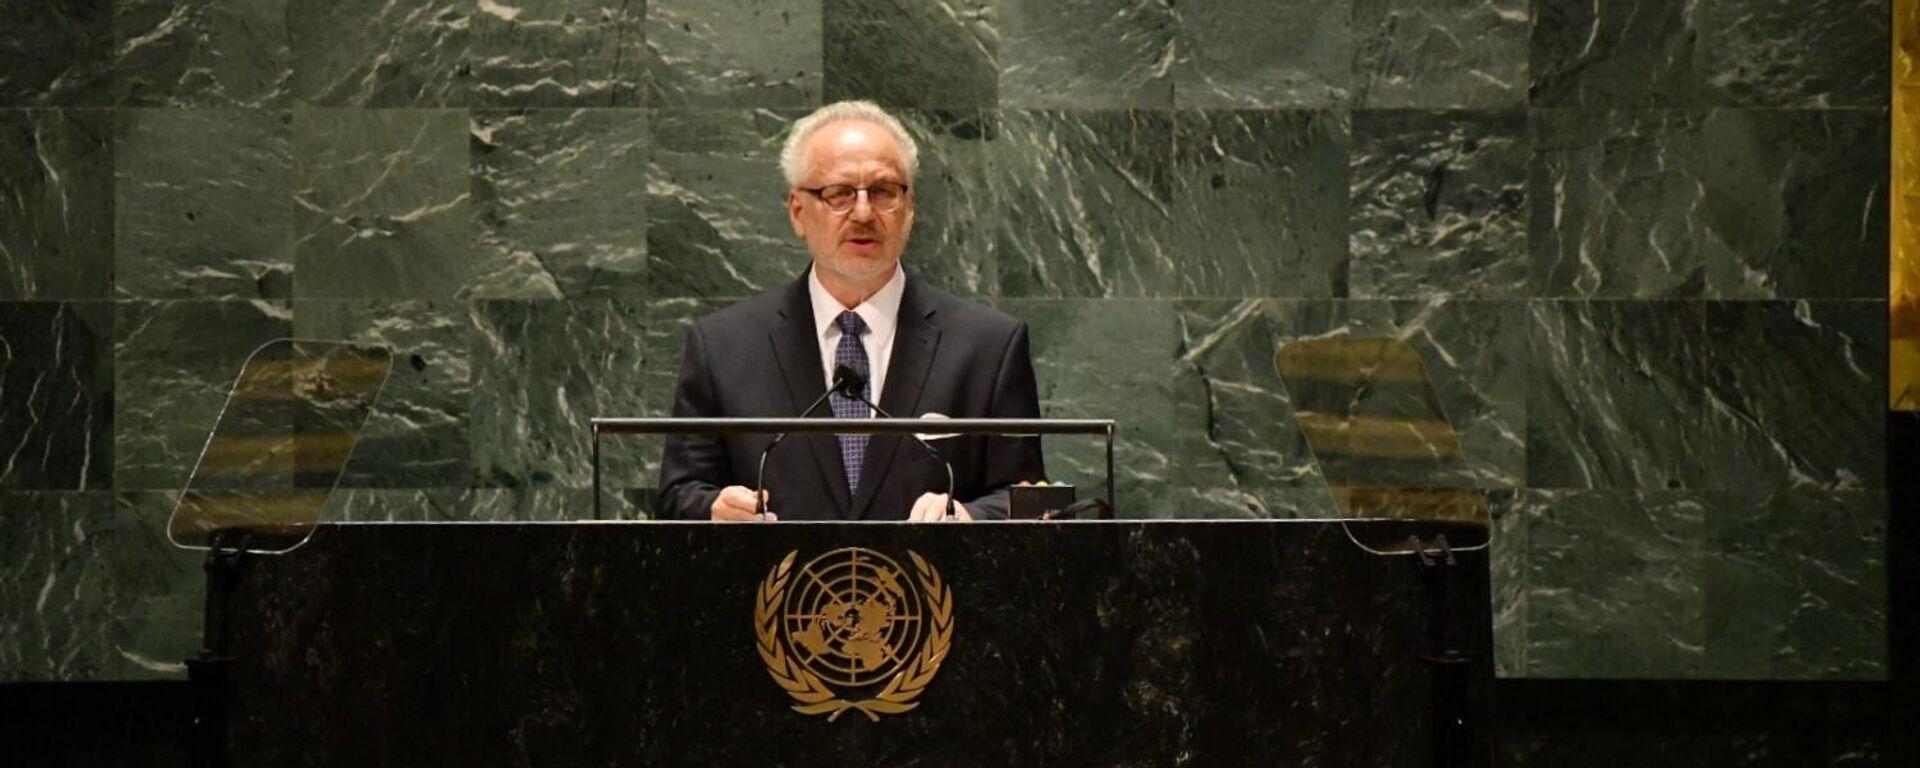 Президент Латвии Эгилс Левитс выступил на 75-й сессии Генеральной Ассамблеи ООН - Sputnik Латвия, 1920, 22.09.2021